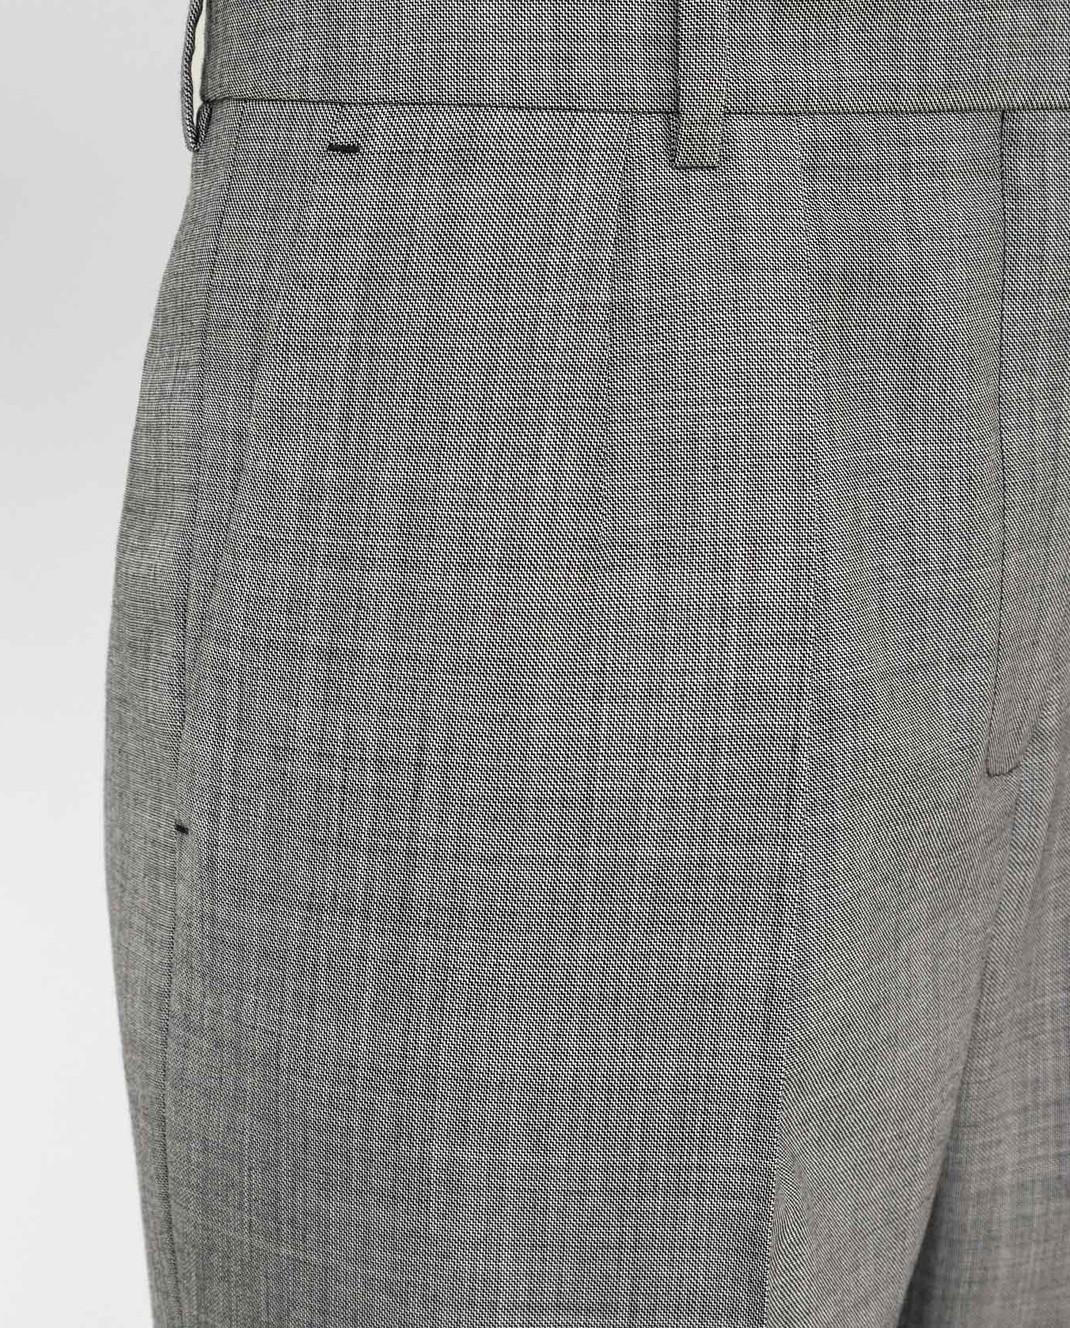 Victoria Beckham Серые брюки из шерсти TRTPR2600B изображение 5